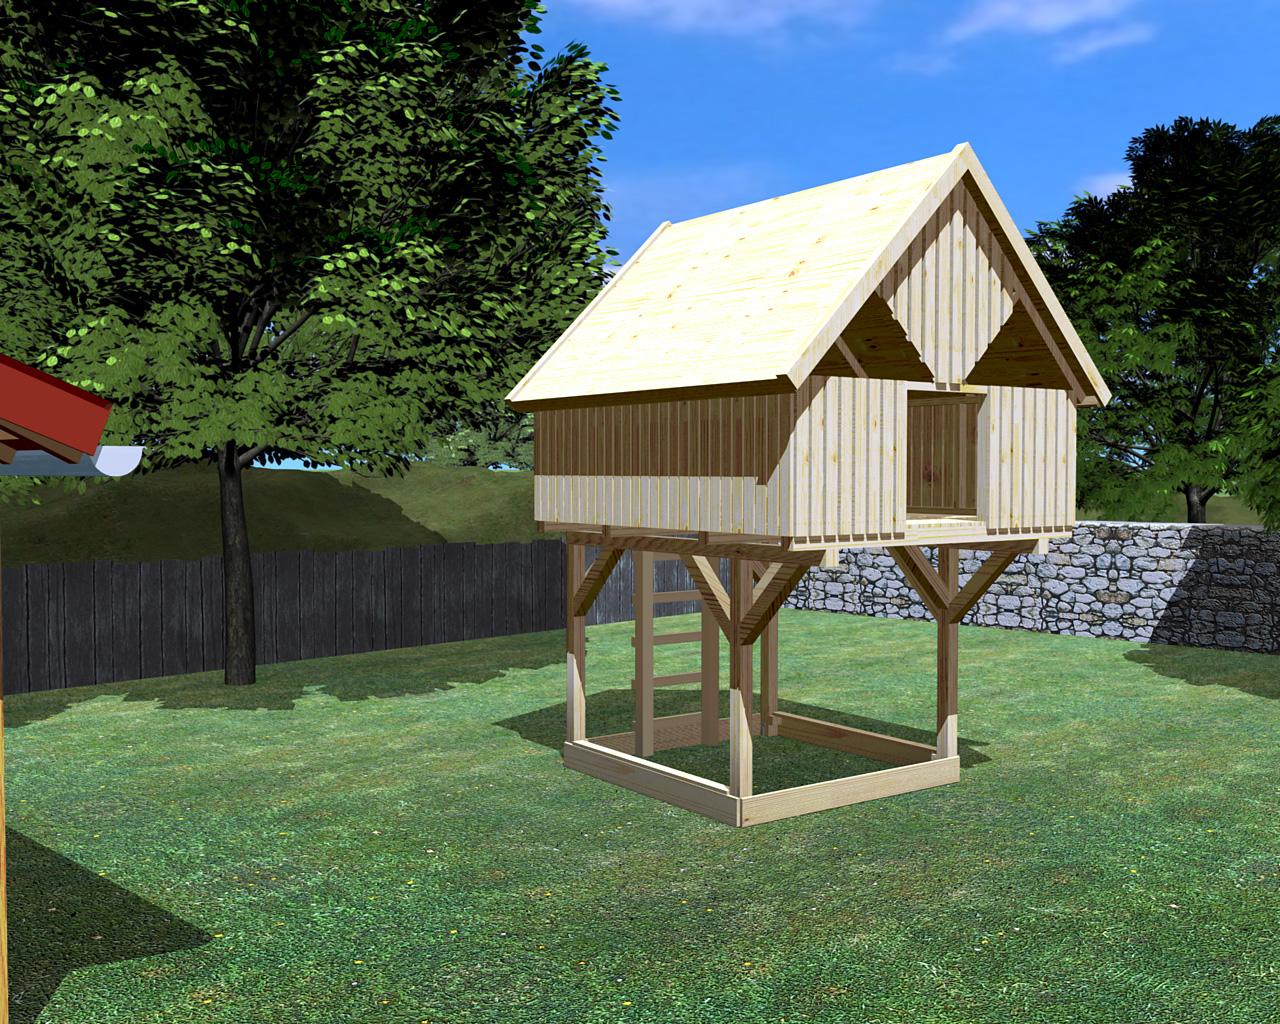 baumhaus auf stelzen oder unterbau modell 9 sonnenschein. Black Bedroom Furniture Sets. Home Design Ideas